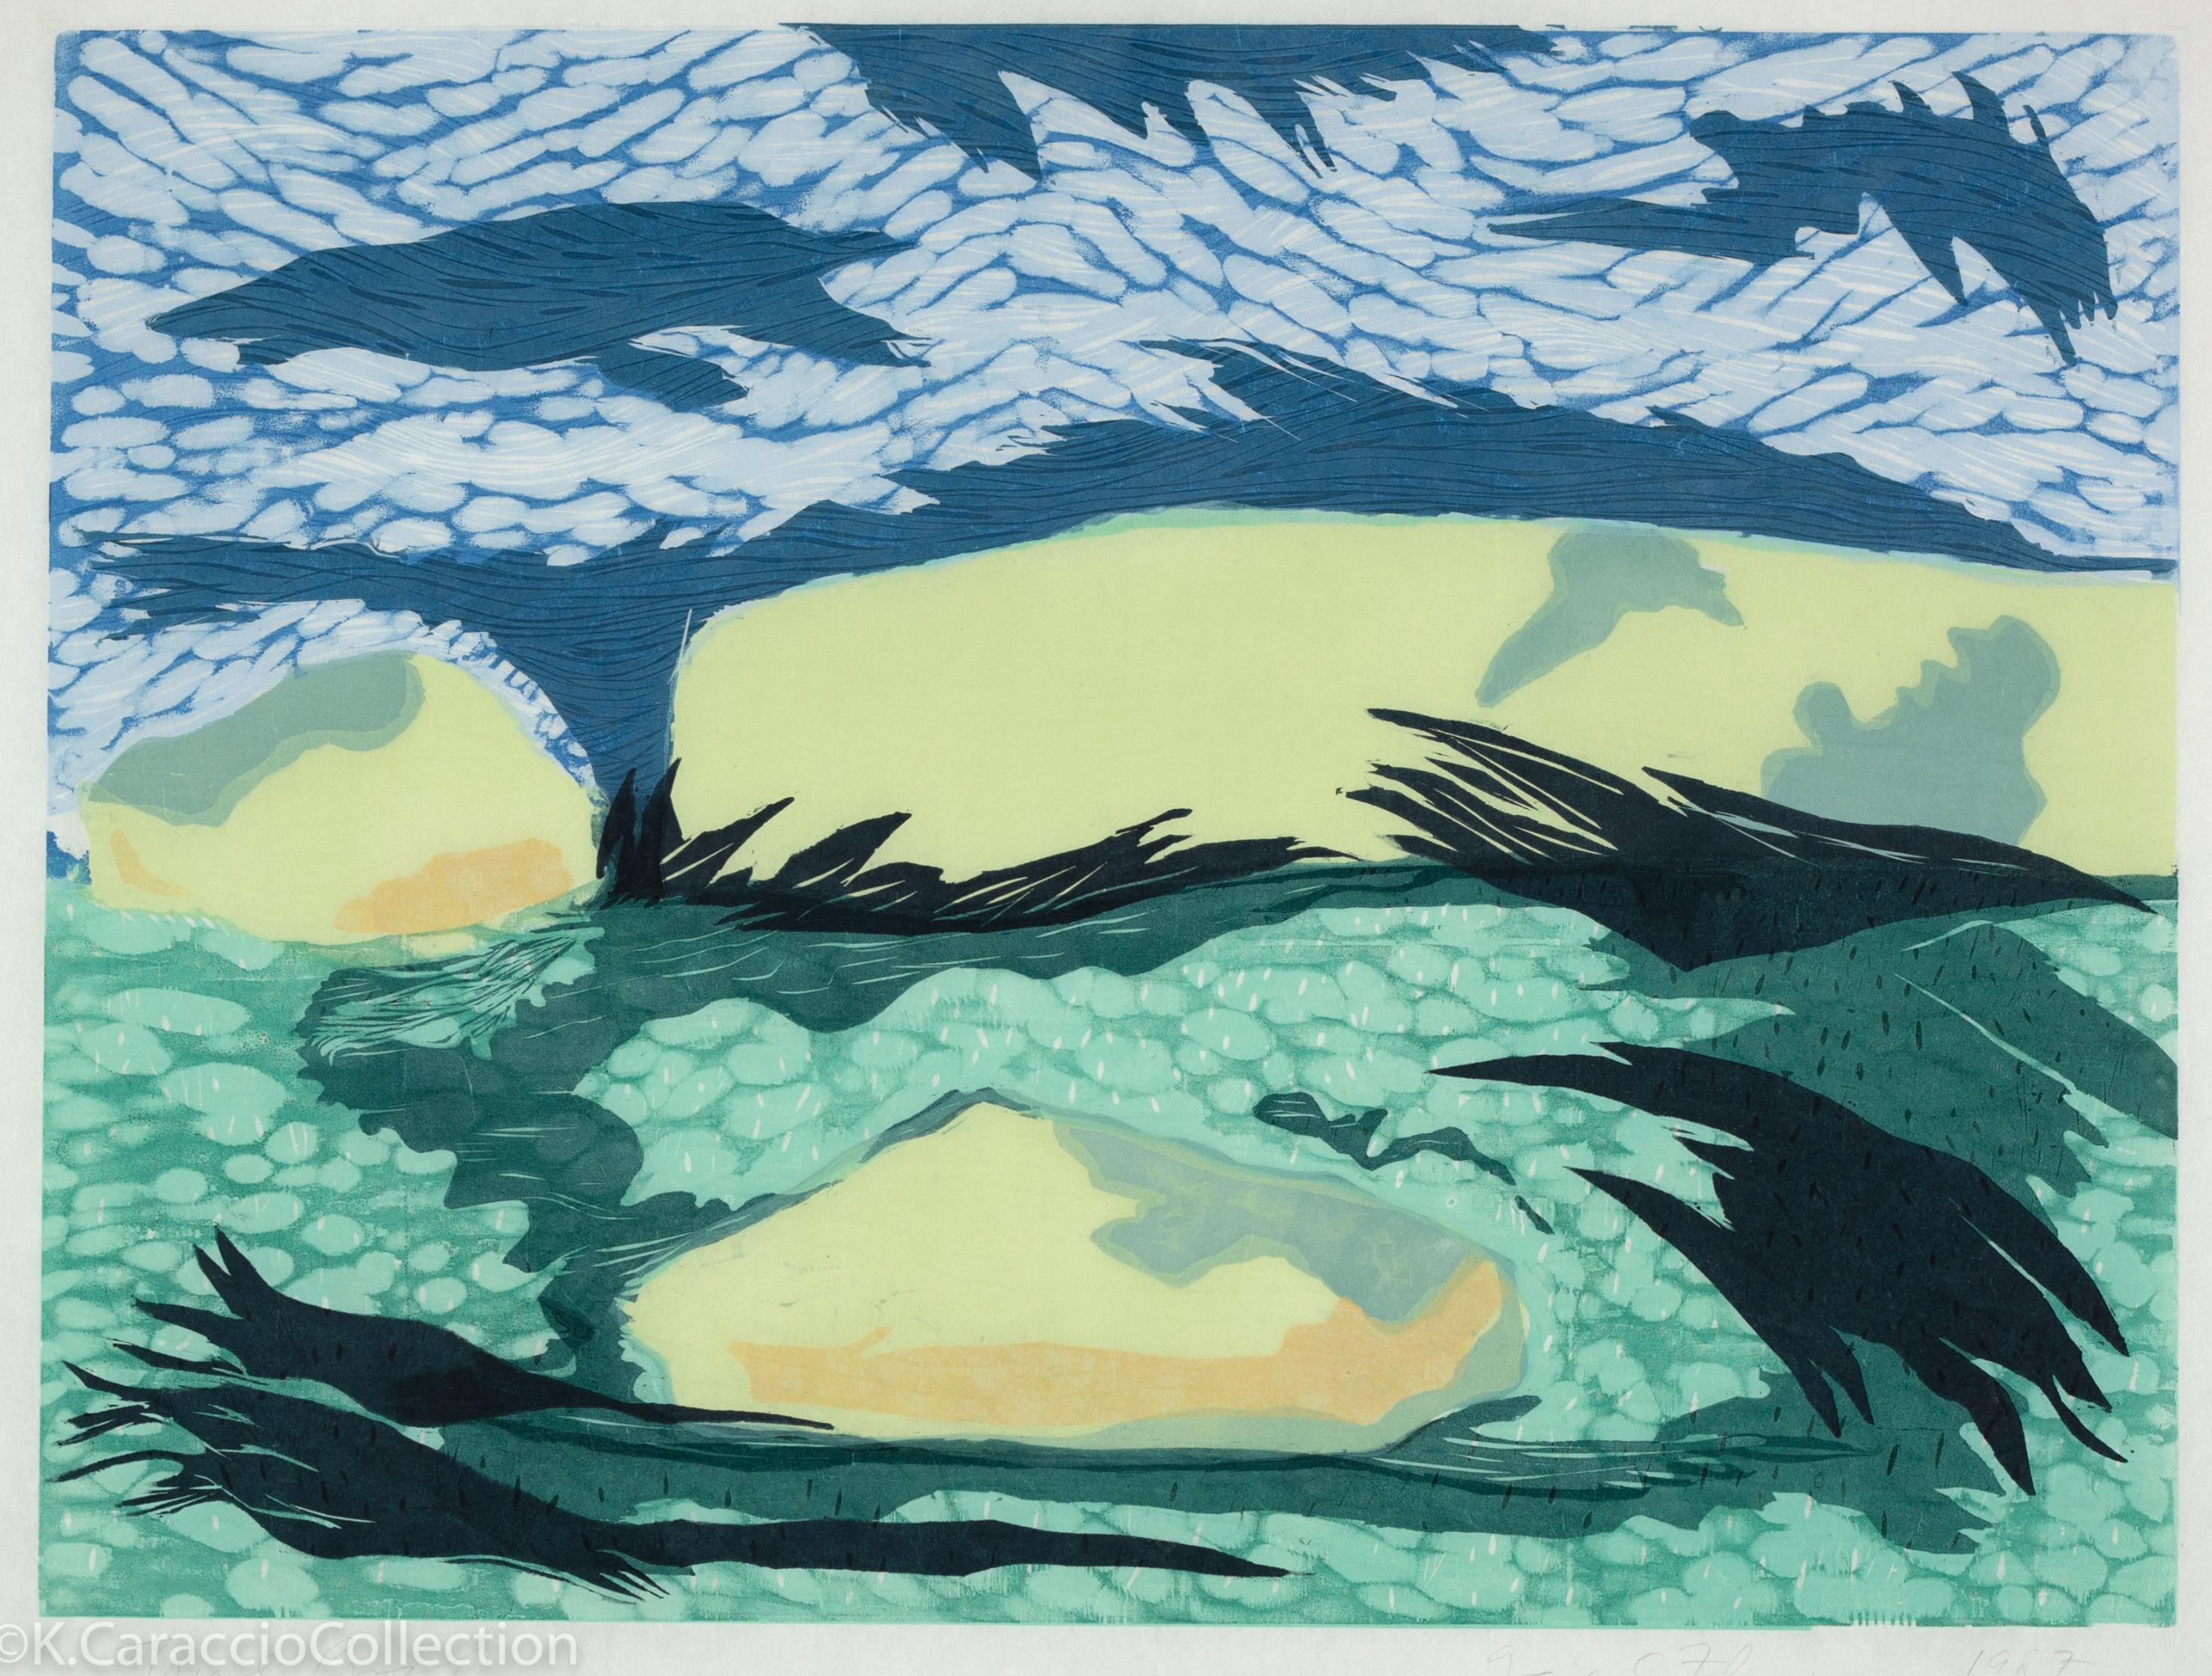 Ryoangi, 1987